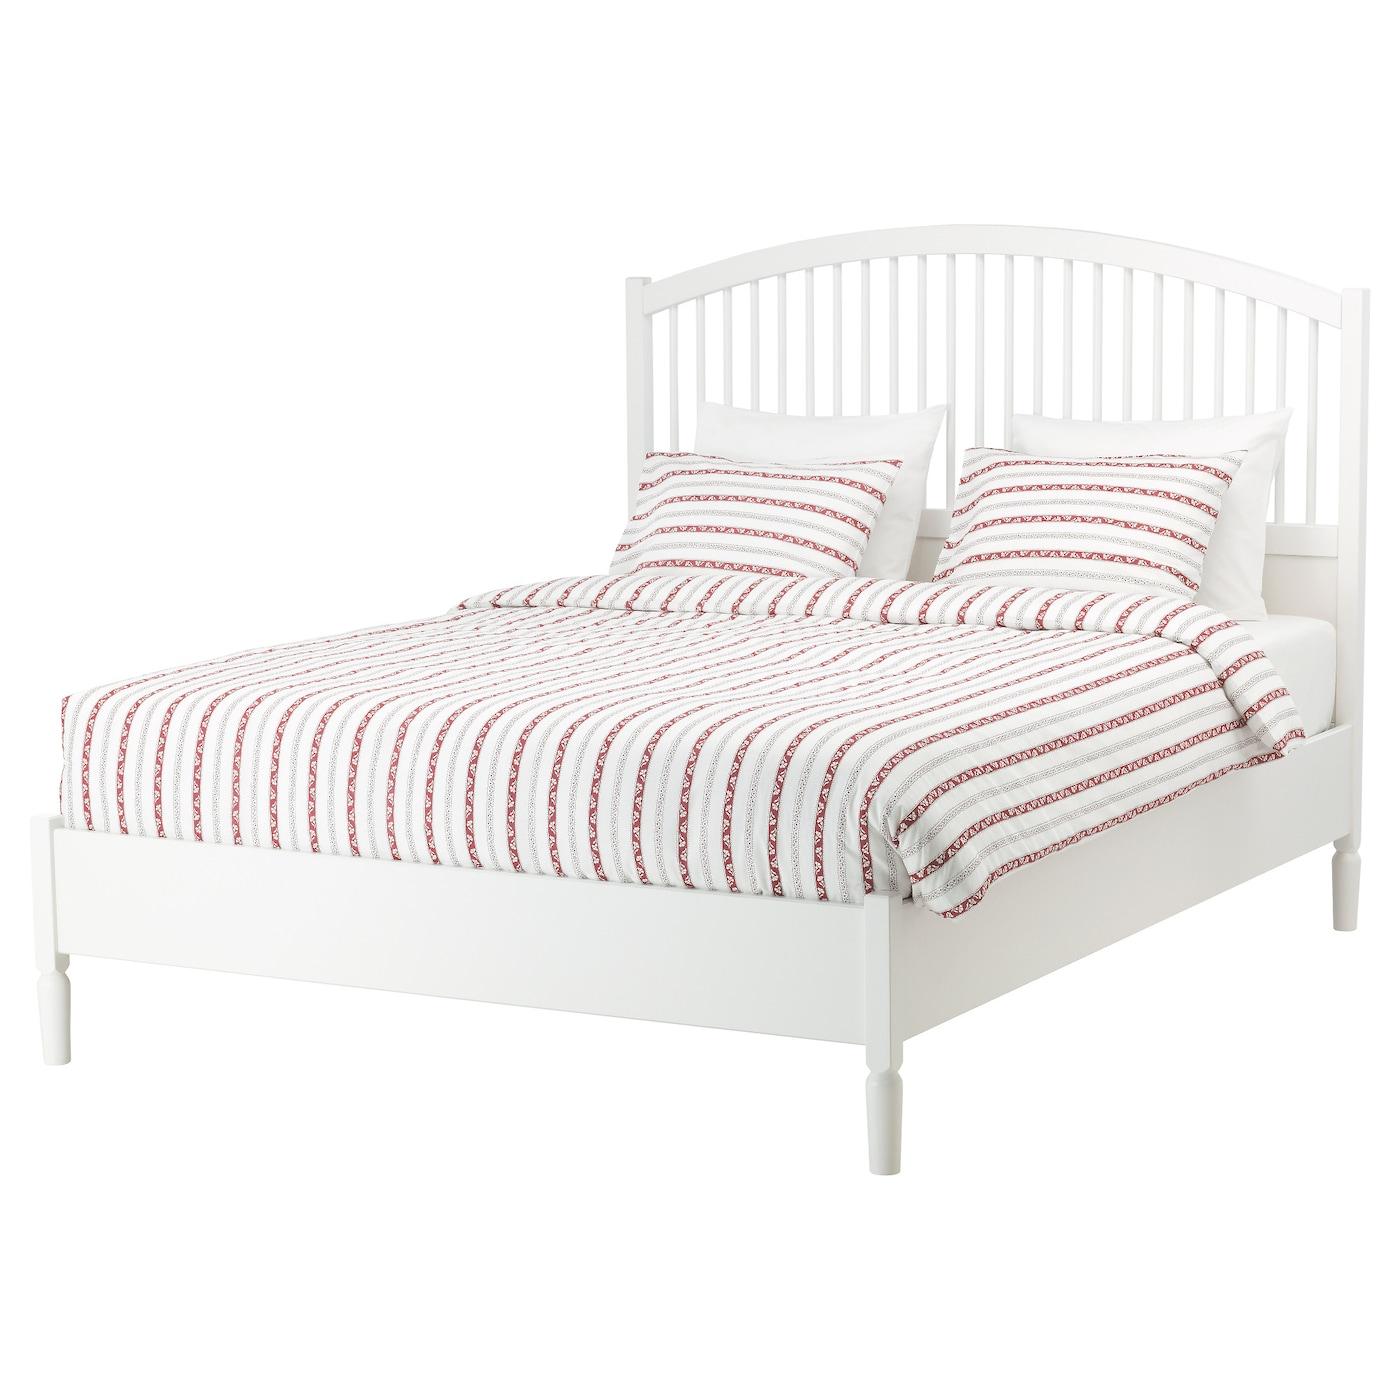 Tyssedal cadre de lit blanc leirsund 160x200 cm ikea for Ikea taille du cadre de lit